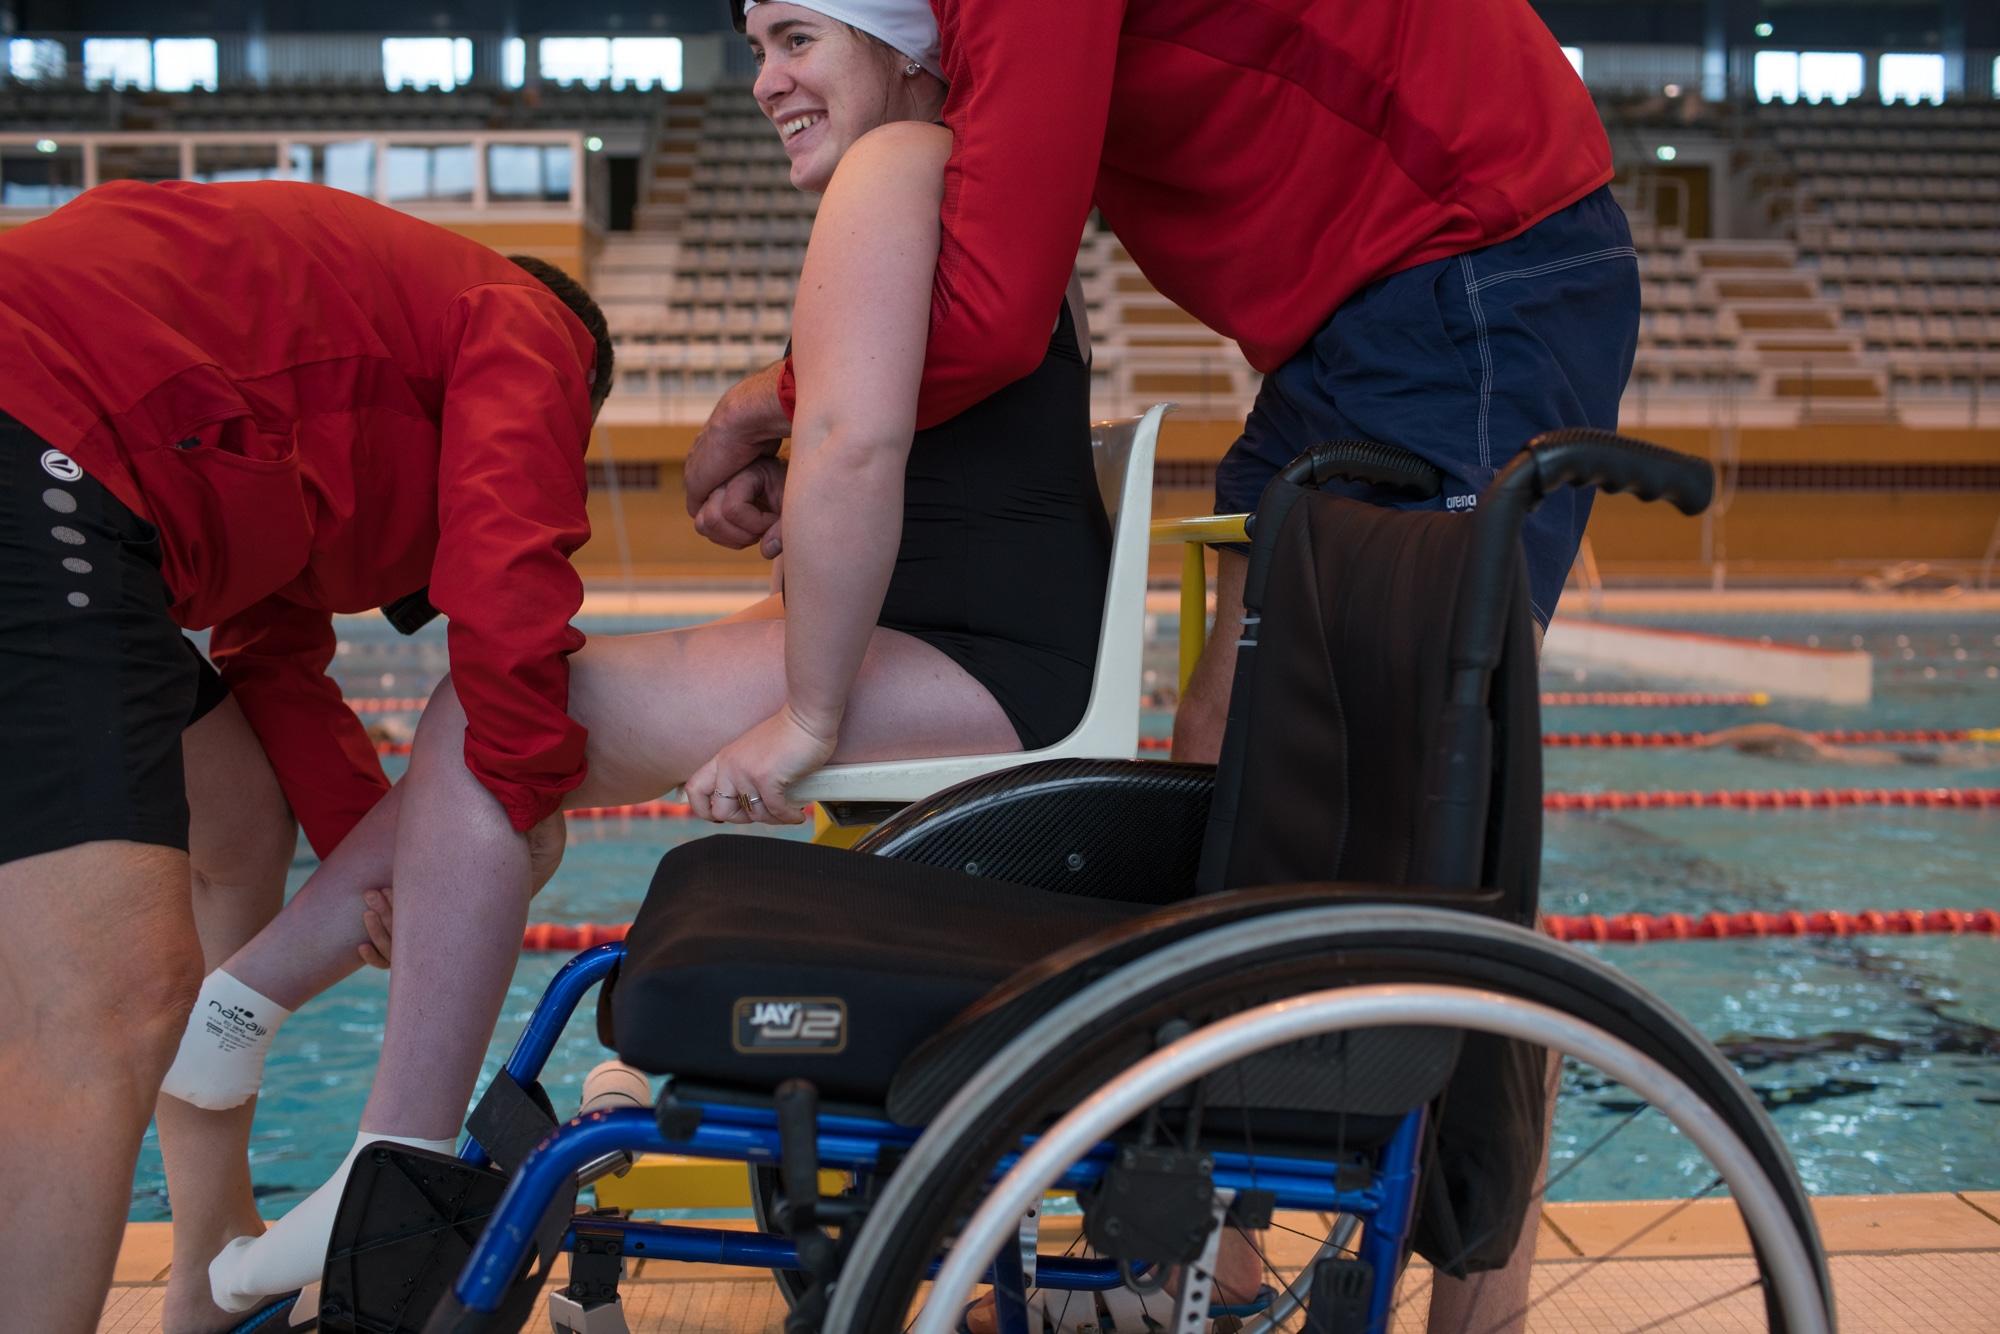 Une élève d'Haddam, équipée d'un maillot et d'un bonnet, est aidée par deux personnes pour s'extirper de son fauteuil roulant.